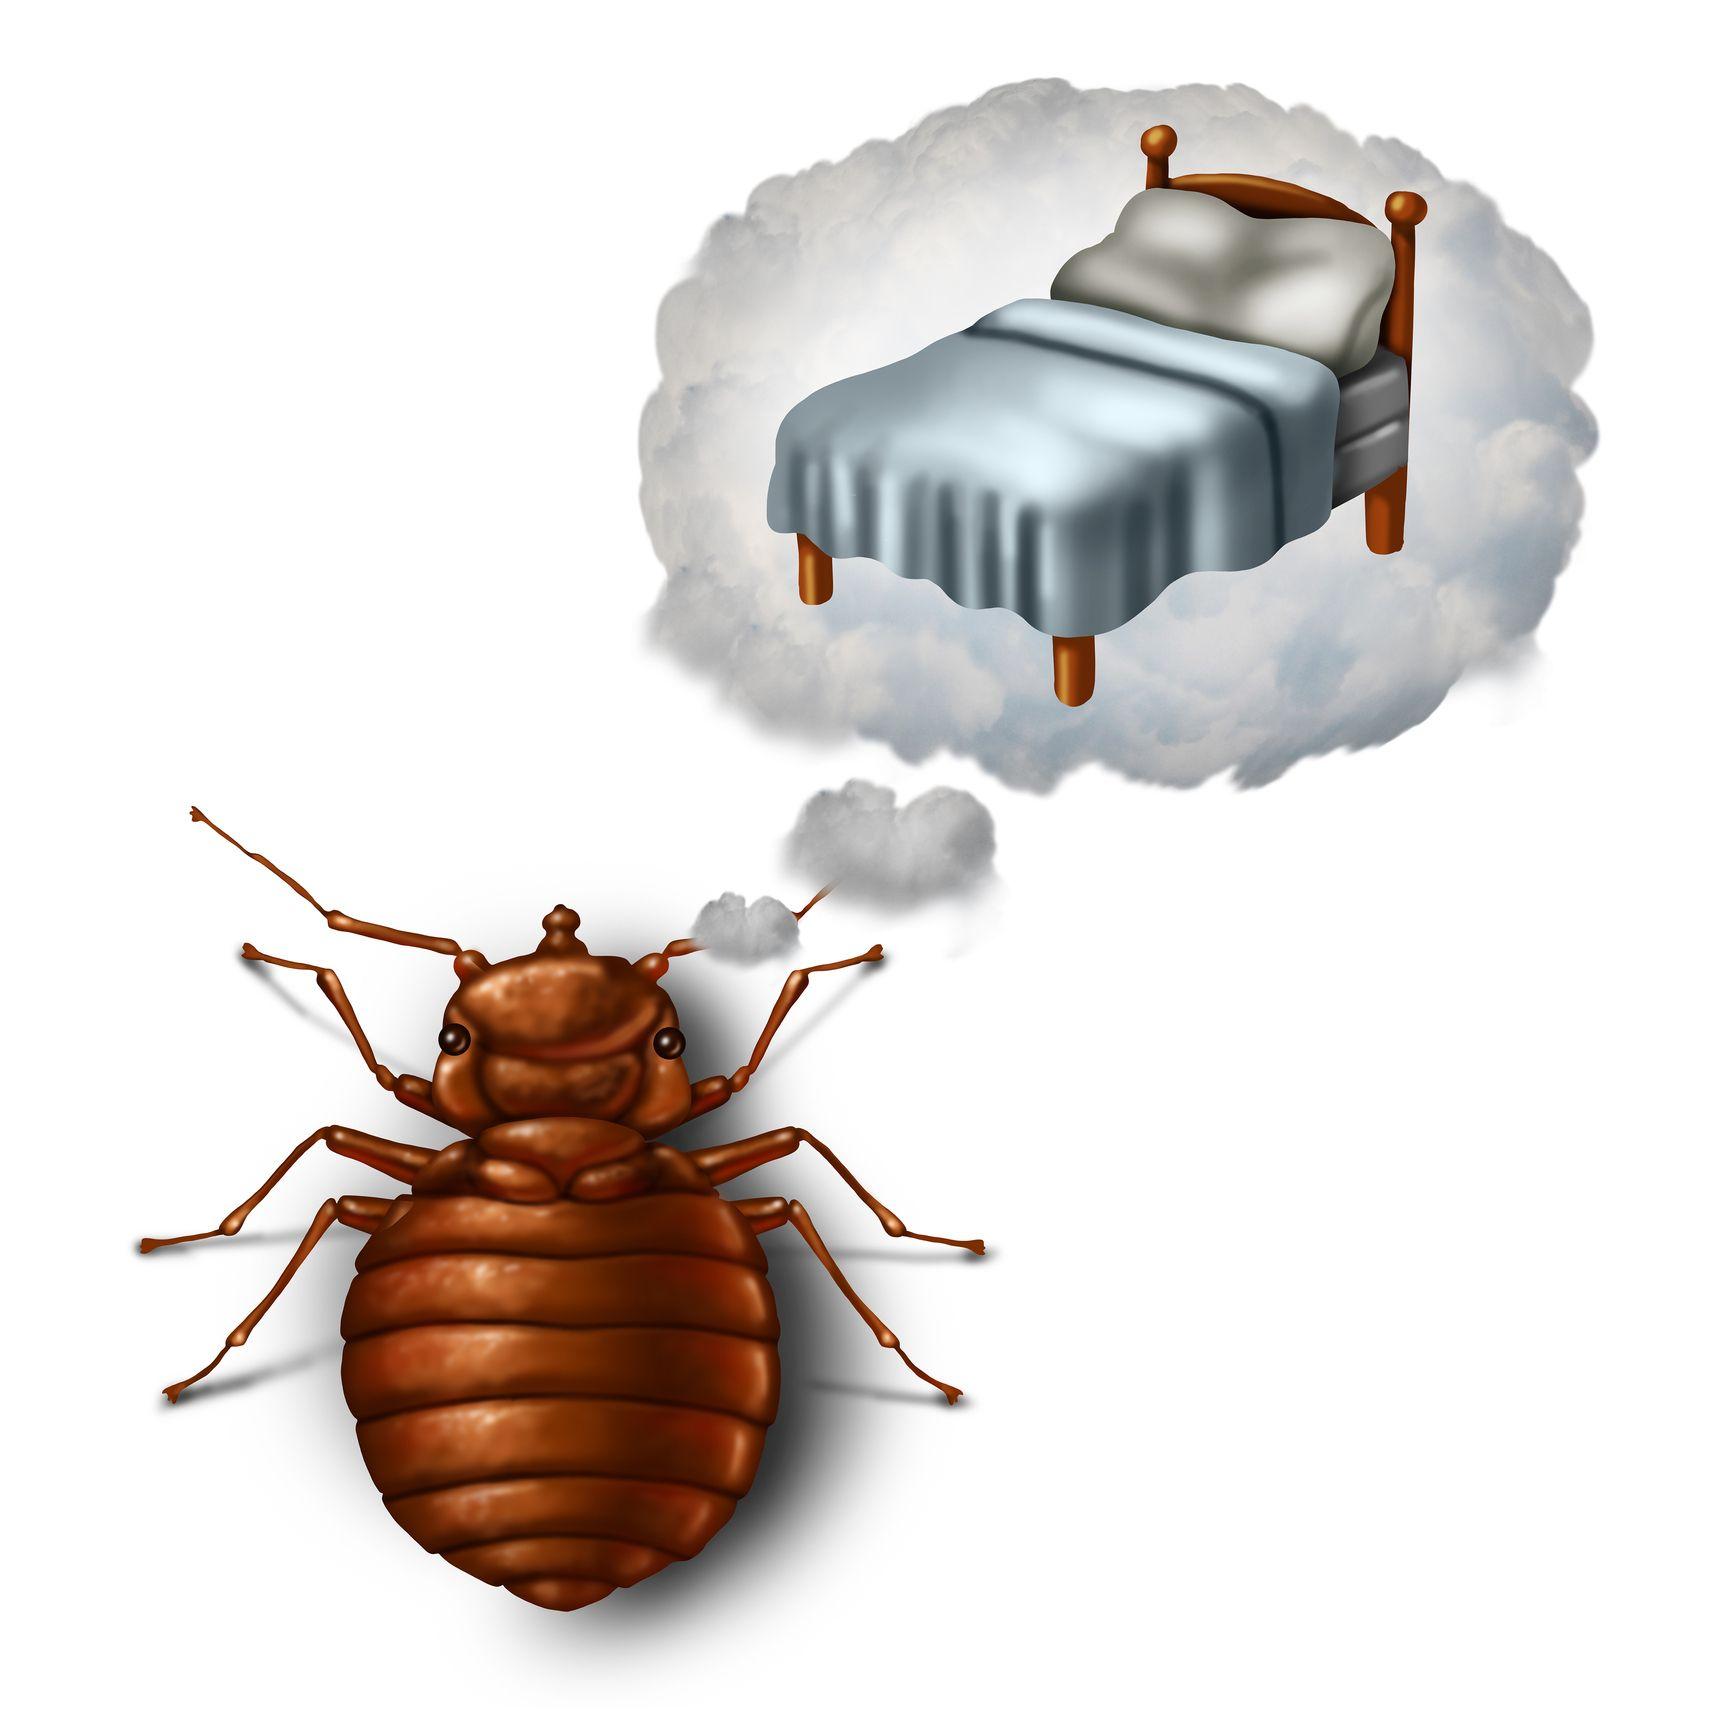 Las camas son los lugares preferidos de las chinches, ya que se alimentan de la sangre de otros animales y de los seres humanos